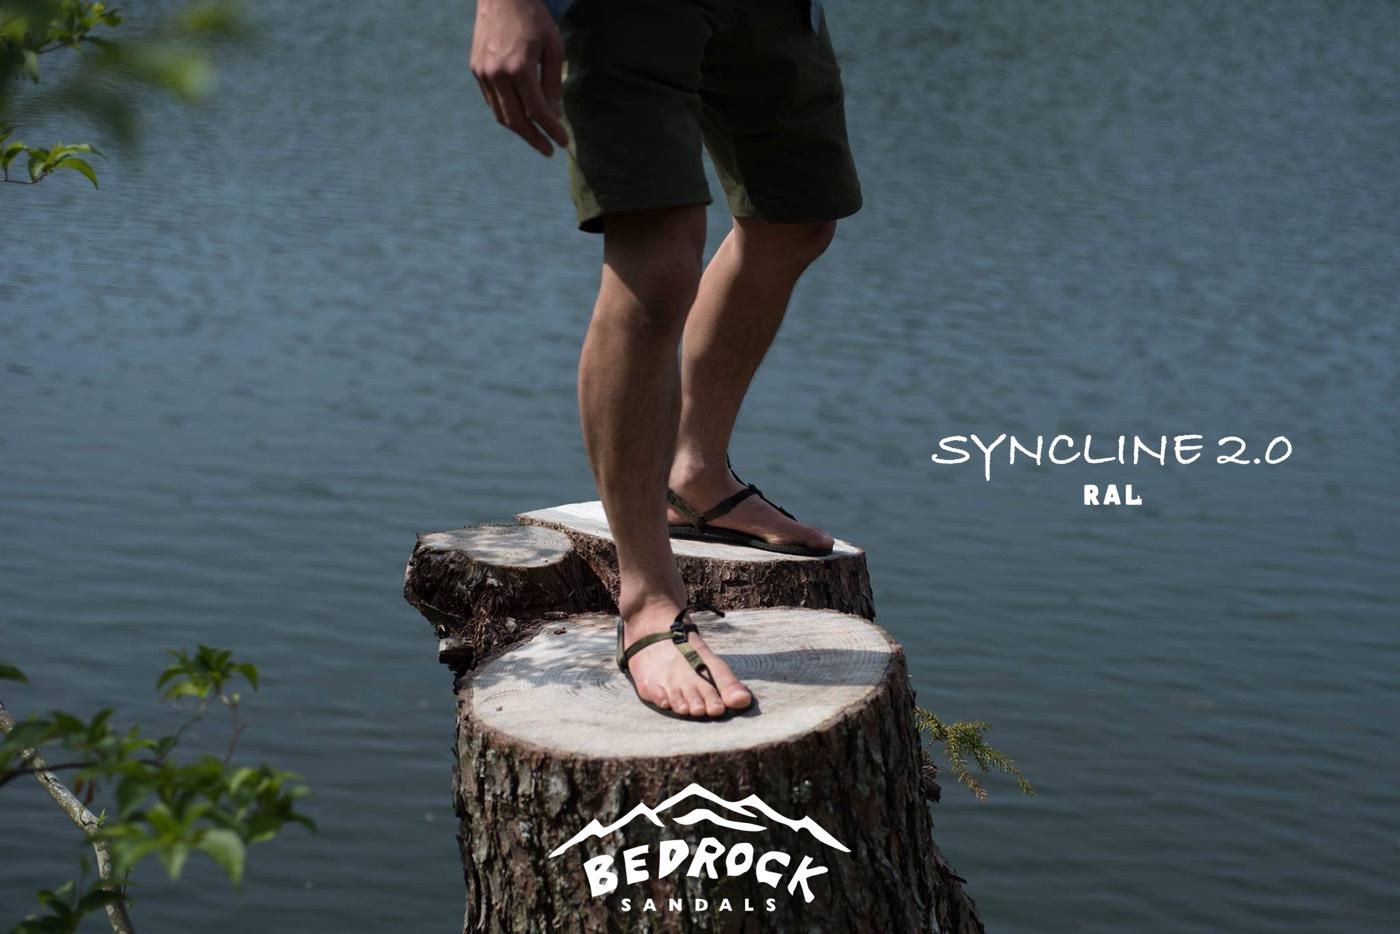 ral_bedrock_bunner